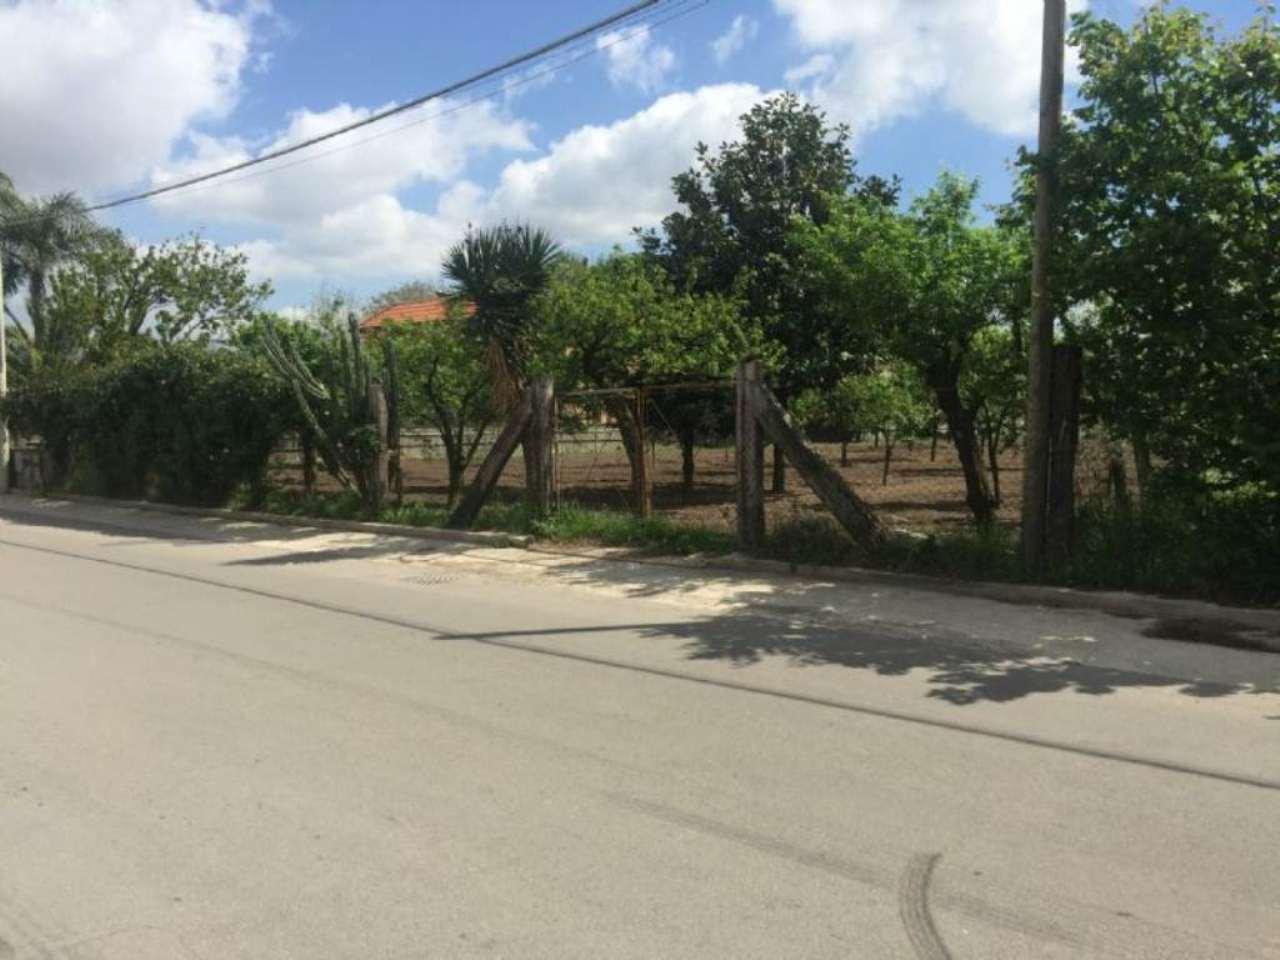 Terreno Agricolo in vendita a Somma Vesuviana, 9999 locali, prezzo € 95.000 | CambioCasa.it